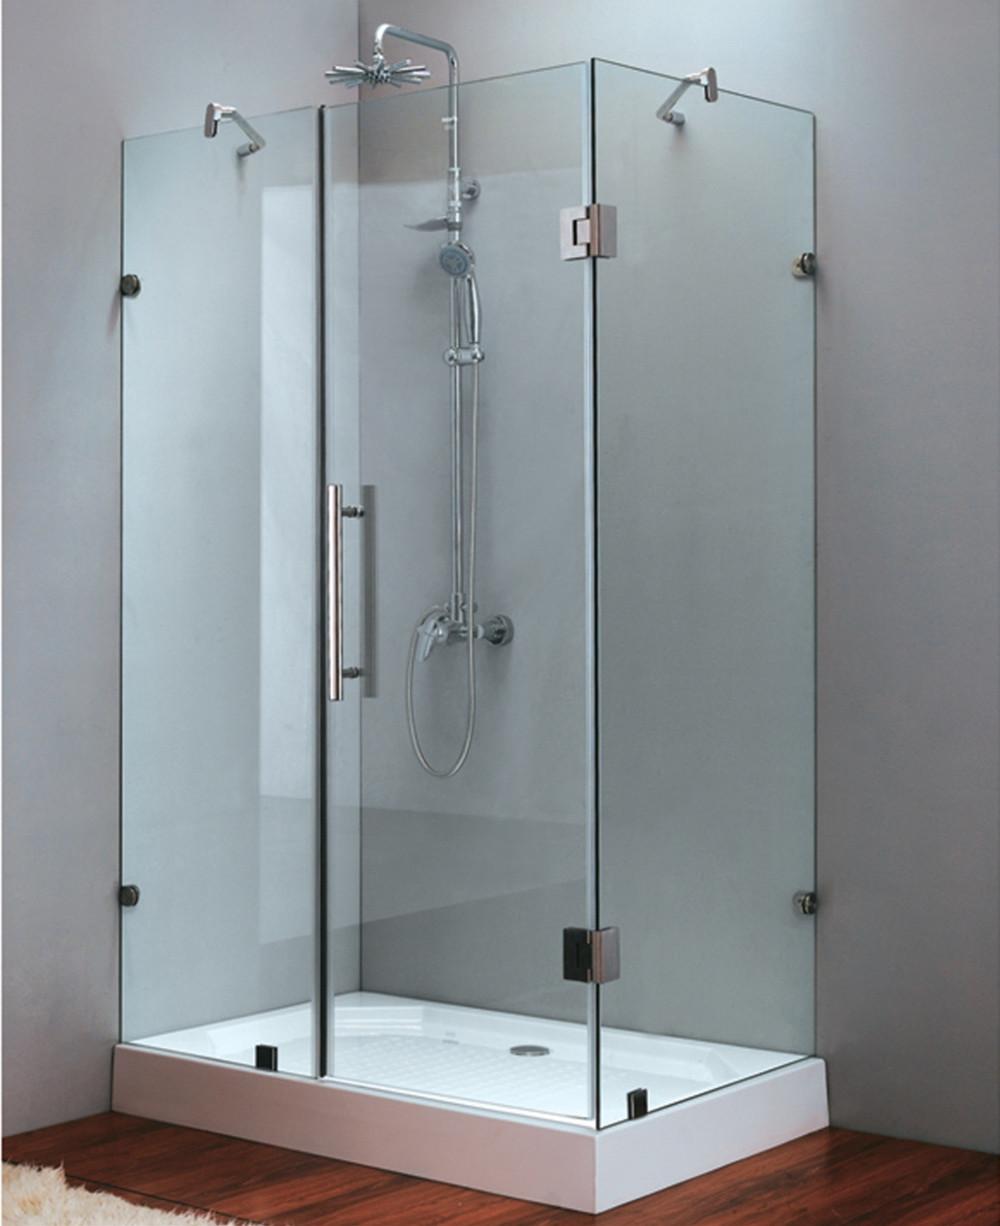 90 Degree Double Side Shower Door Pivot Hinge For Glass Door Buy Door Pivot Hinge For Glass Door Glass Shower Door Pivot Hinge Shower Door Hinge